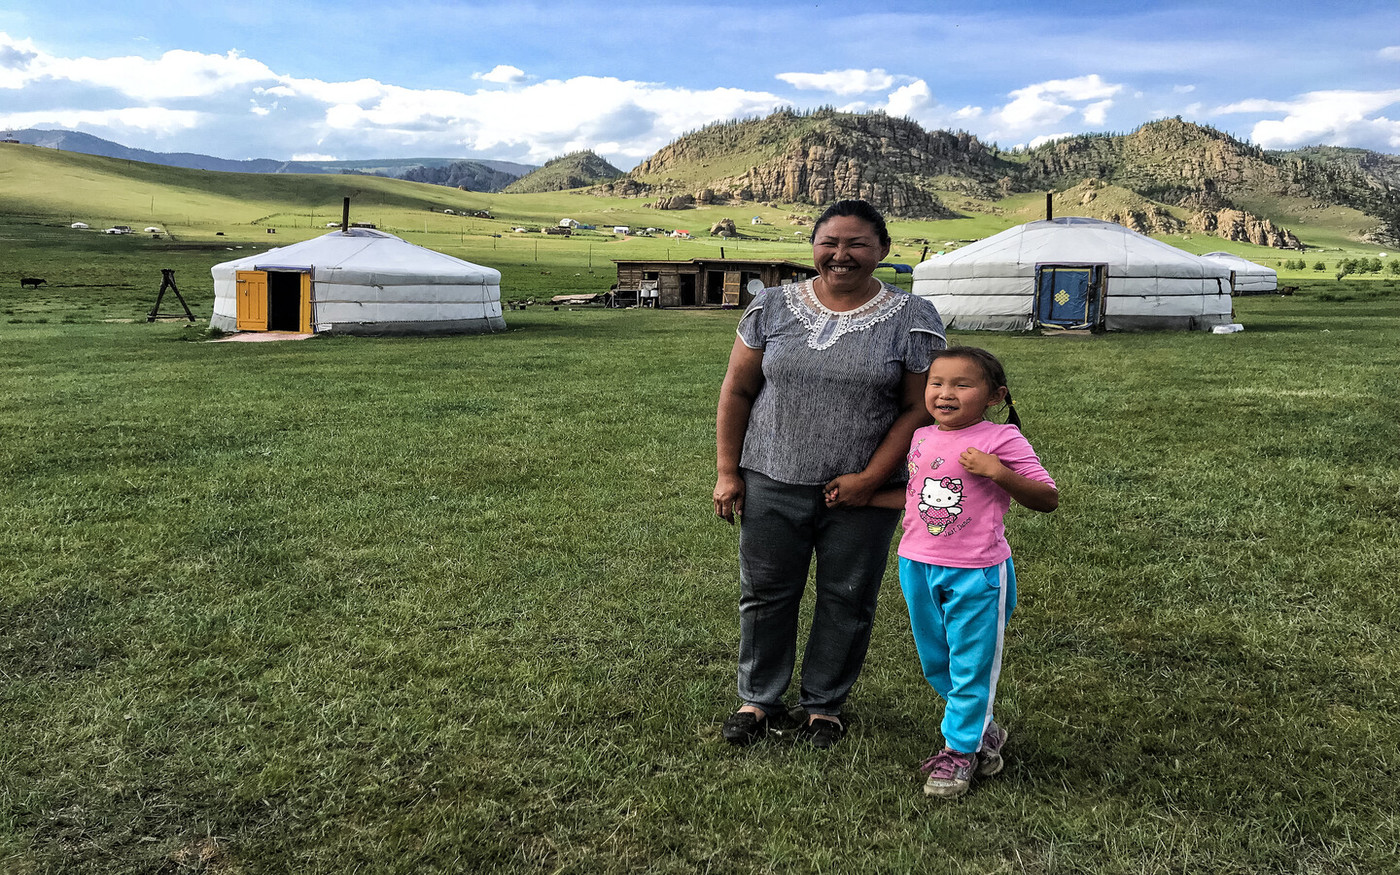 Bei unserem Besichtigungsprogramm immer dabei - Besuch bei einer Nomadenfamilie bei Ulan Bator